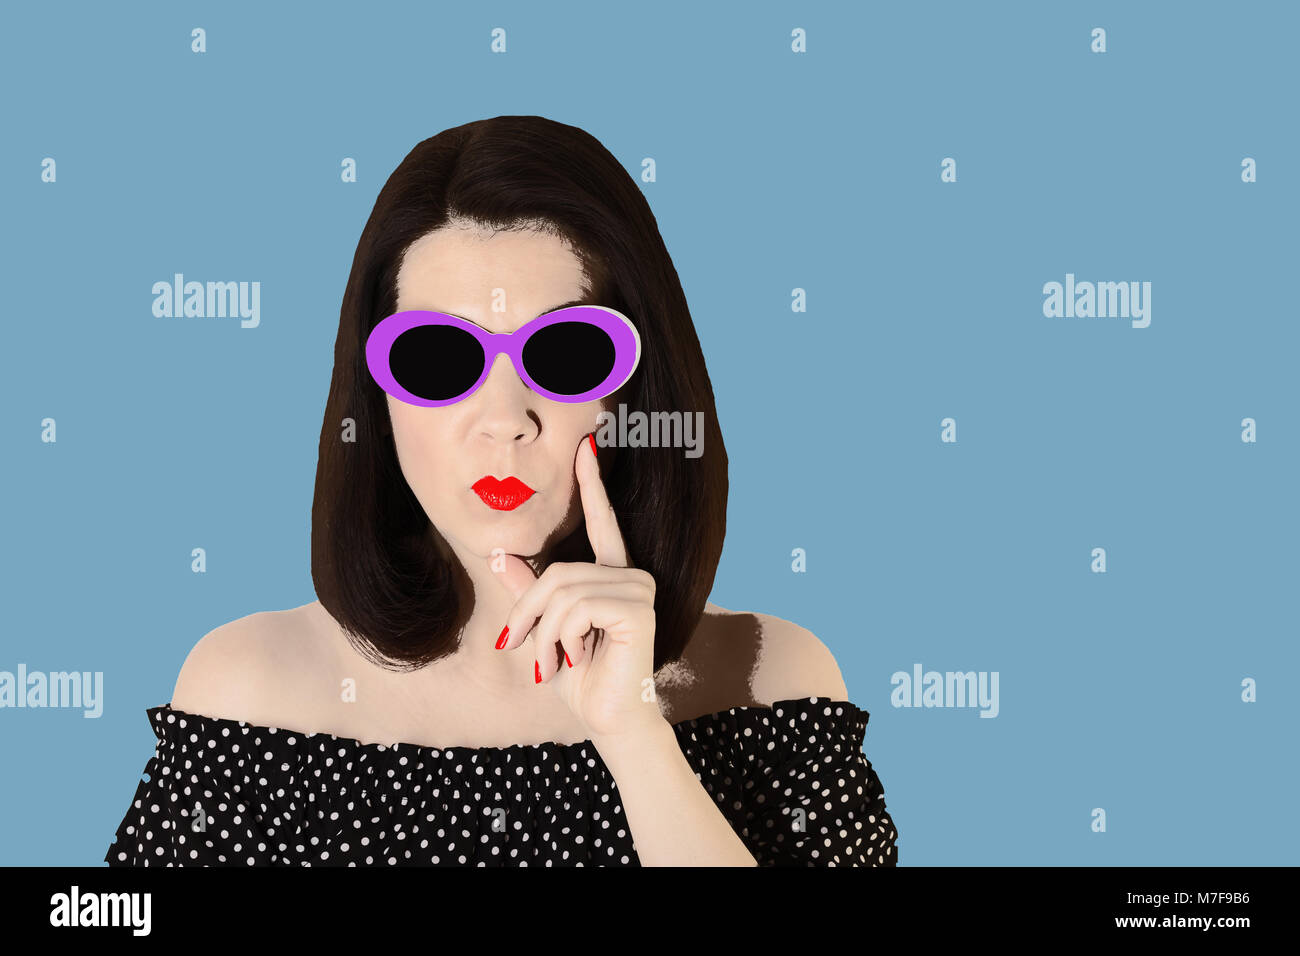 Bianco Vestito Un Nero ArtLa Con Foto Stile E Donna In Pop 4RqL53Aj